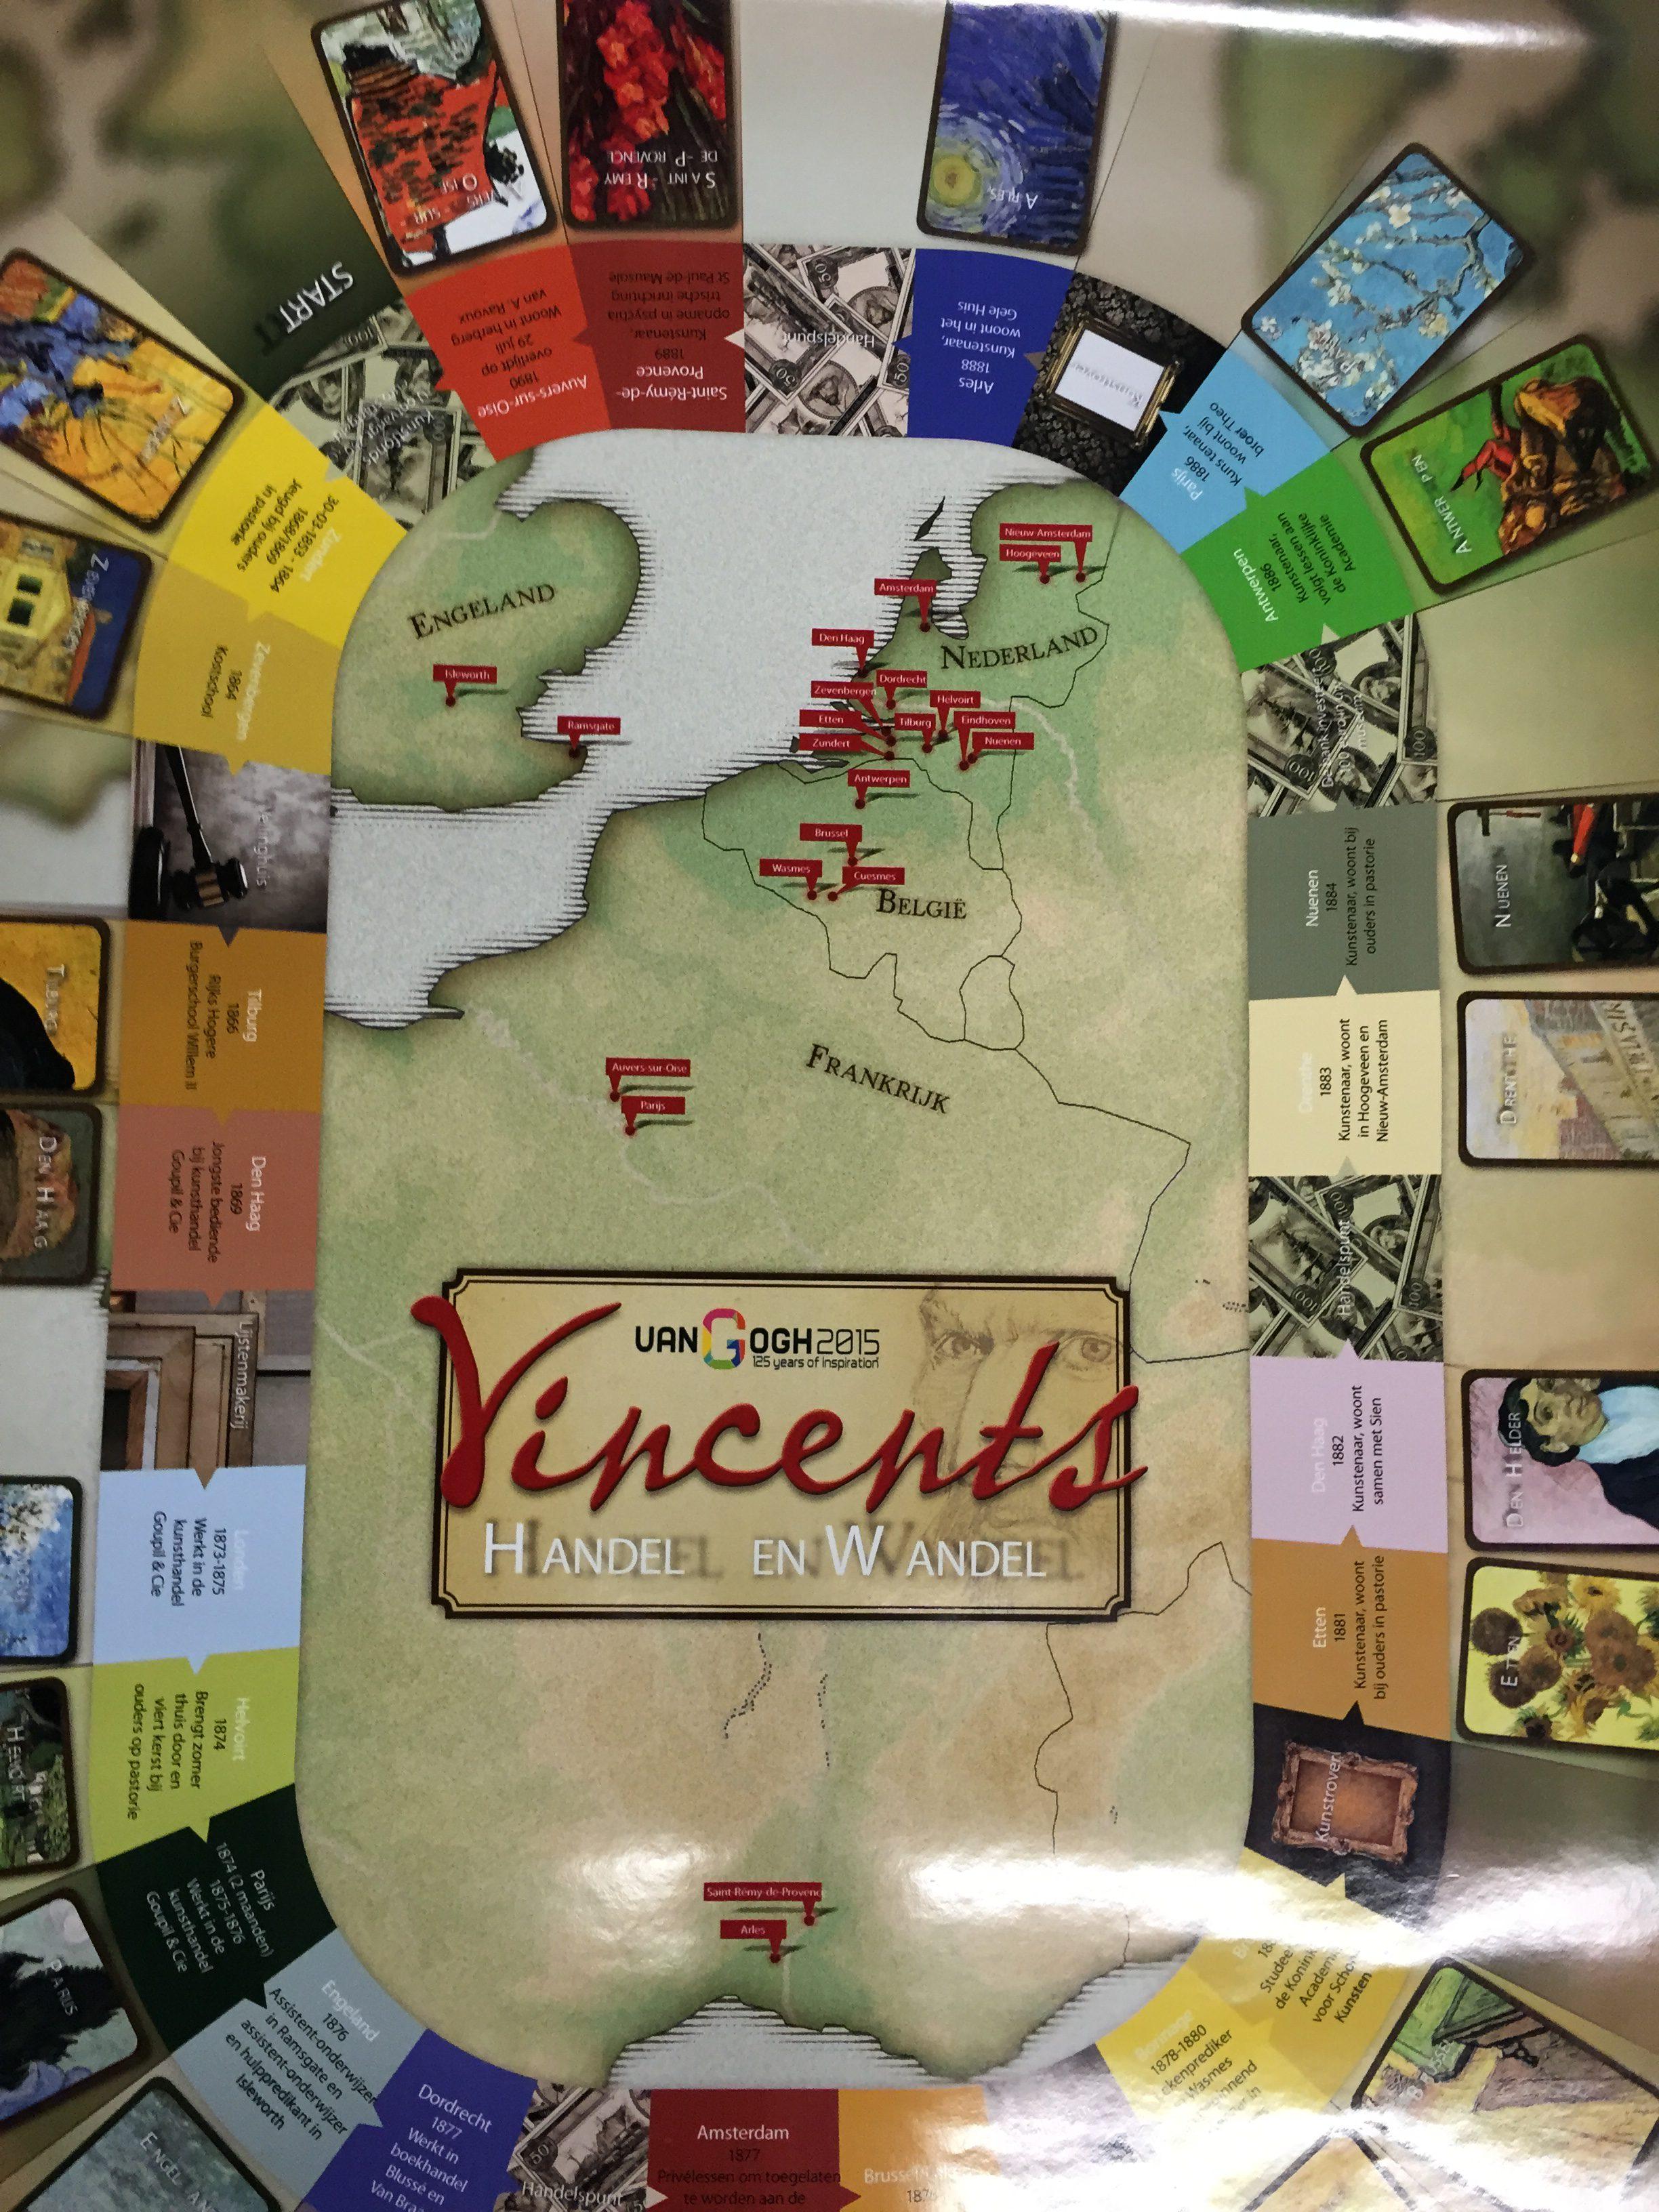 Vincents handel en wandel